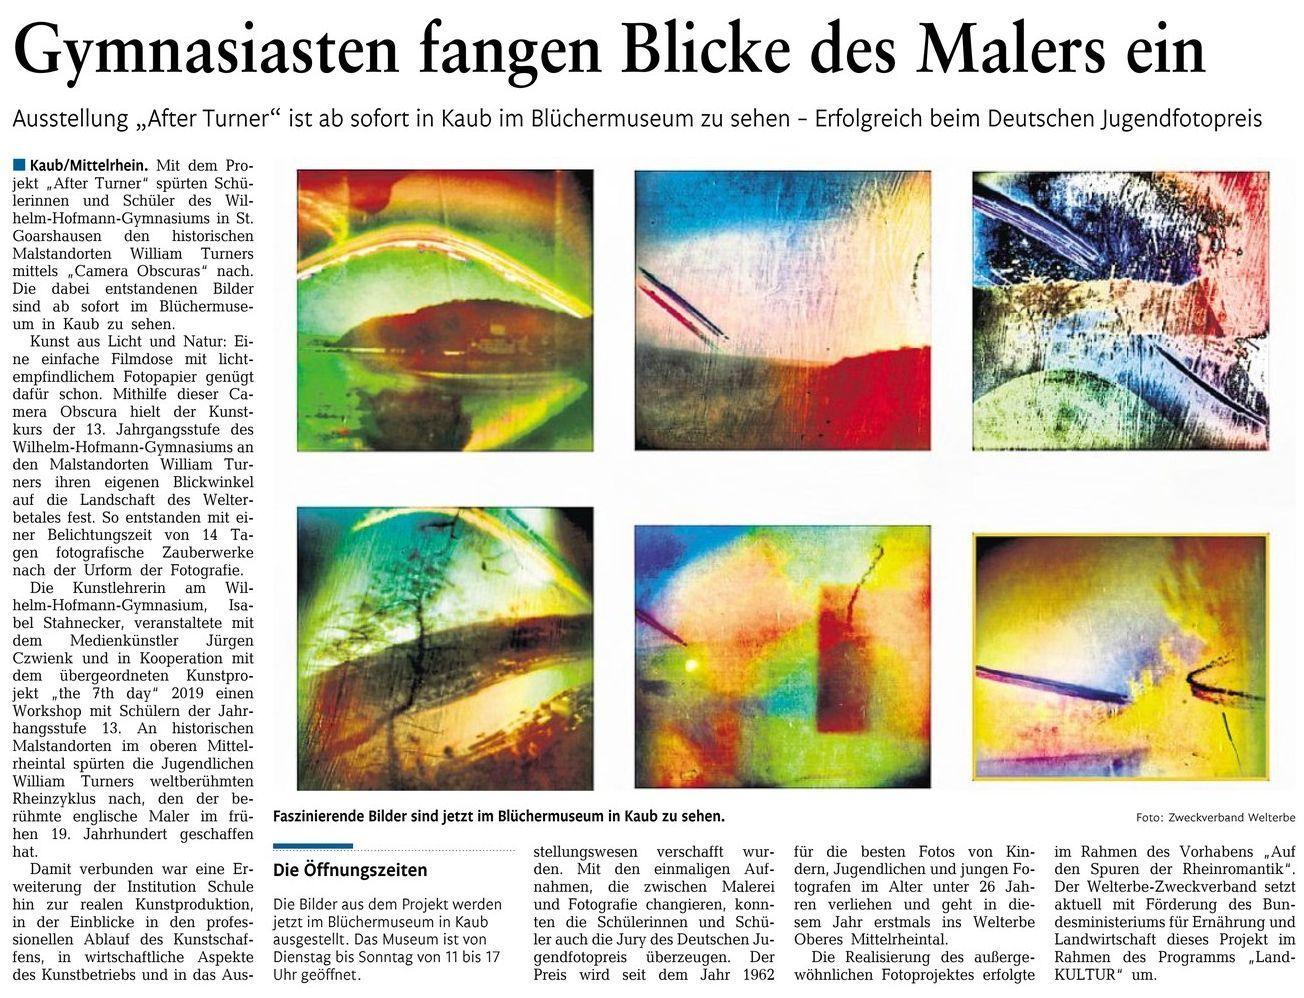 Ausstellung After Turner im Blüchermuseum in Kaub